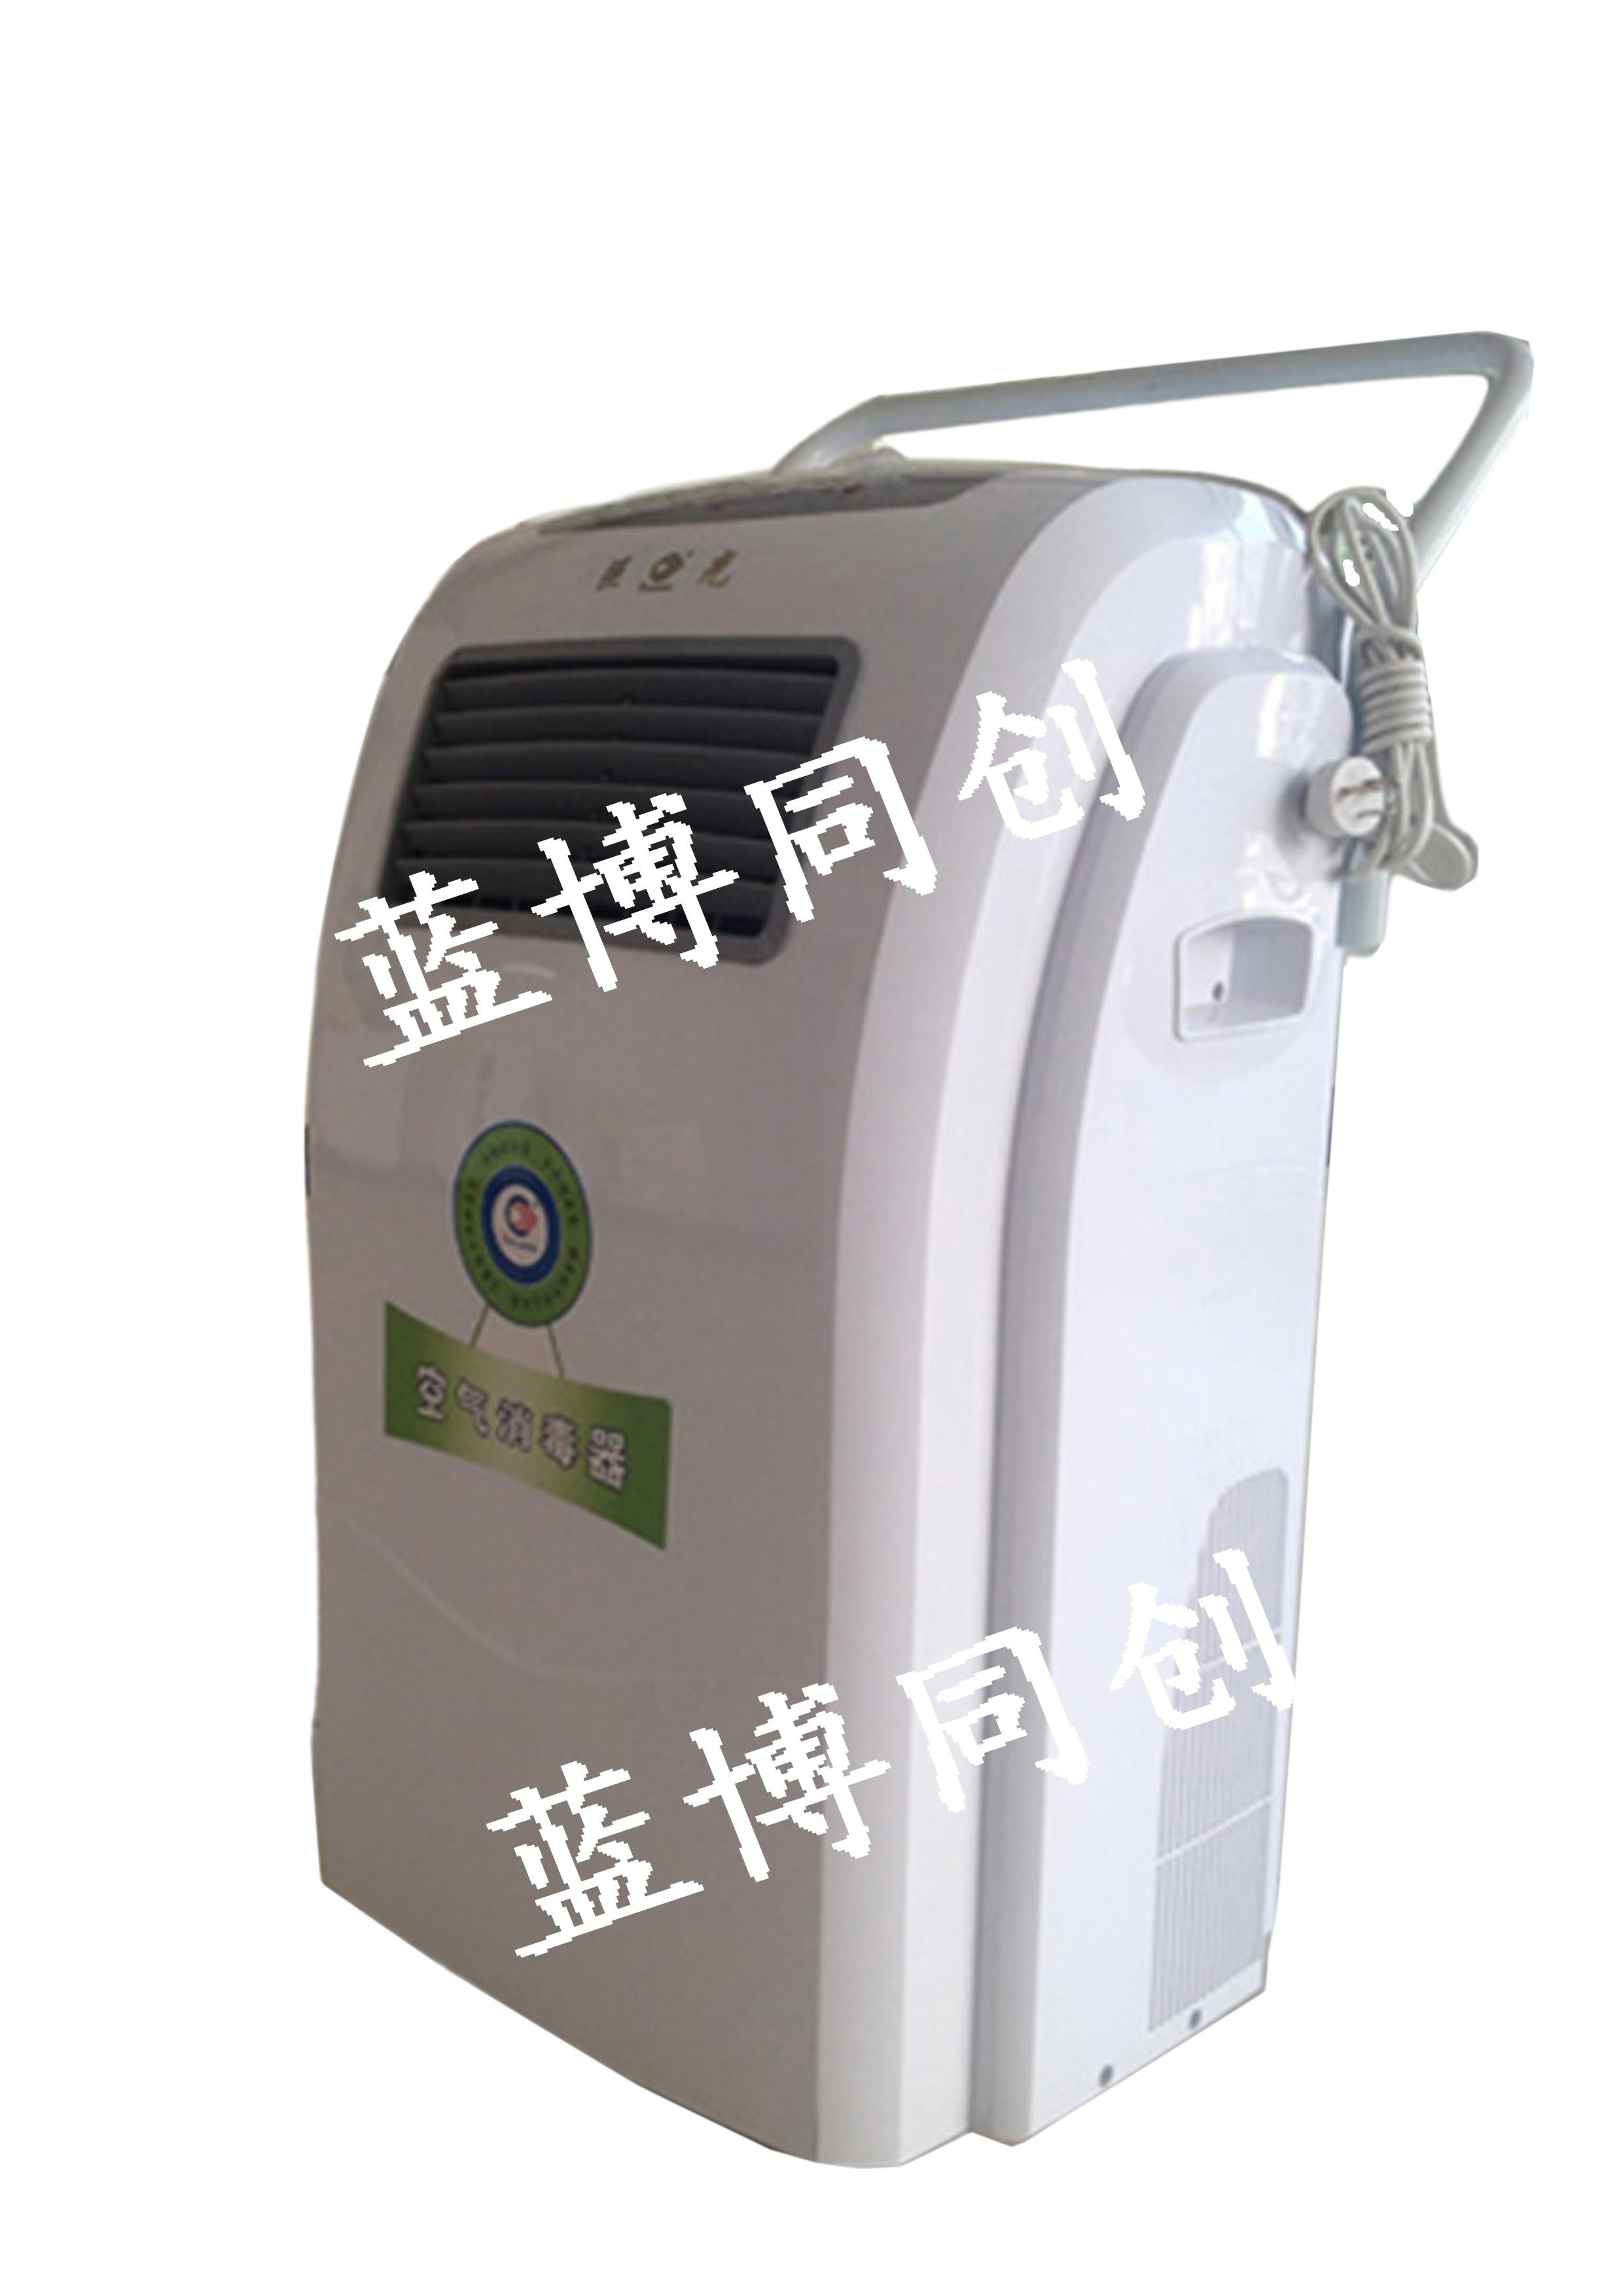 移动式空气消毒机(车)